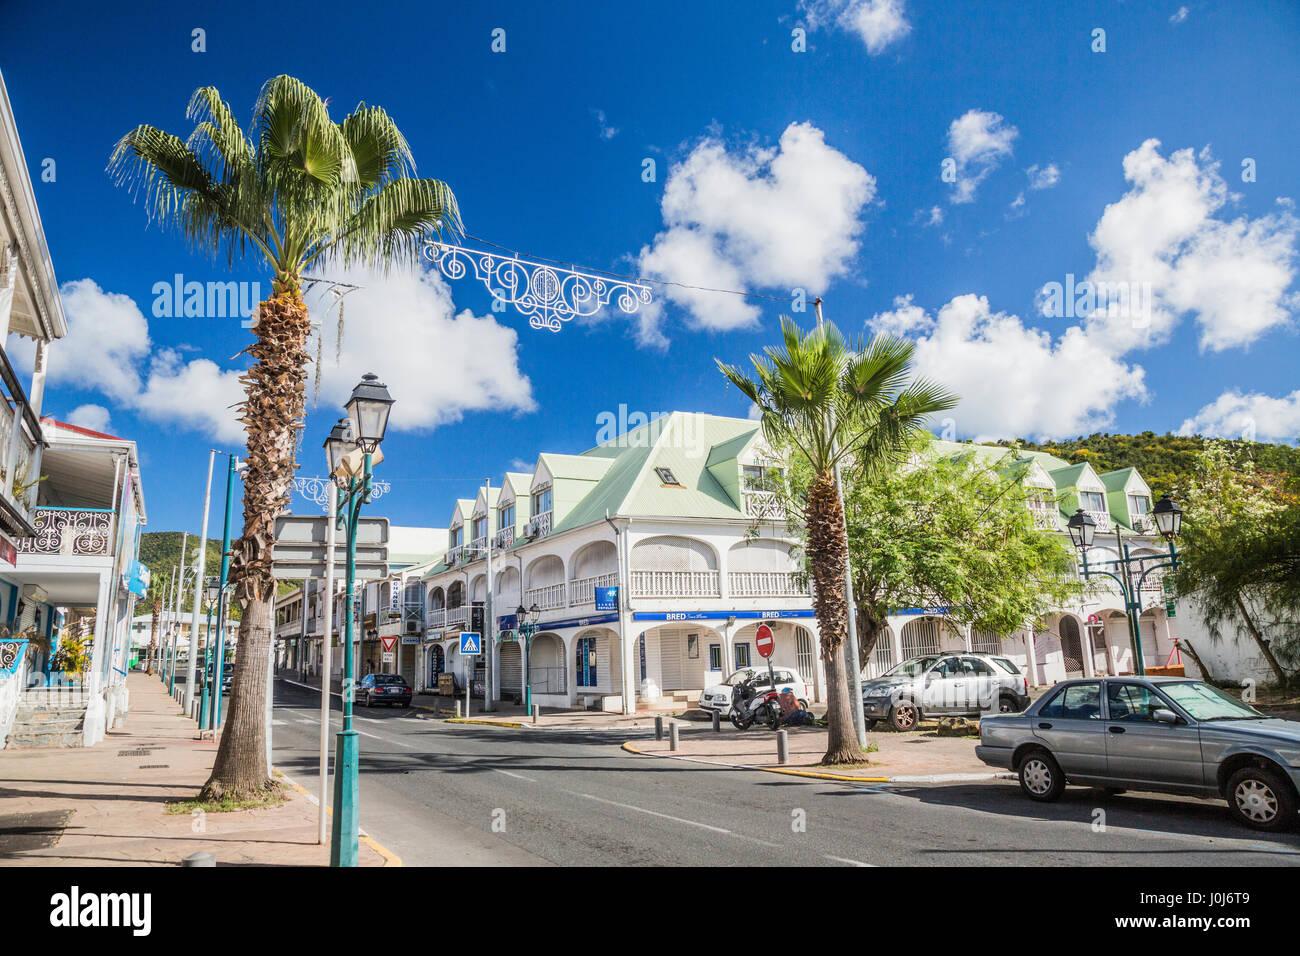 Eine Hauptstraße in Pointe-à-Pitre, Guadeloupe Stockbild